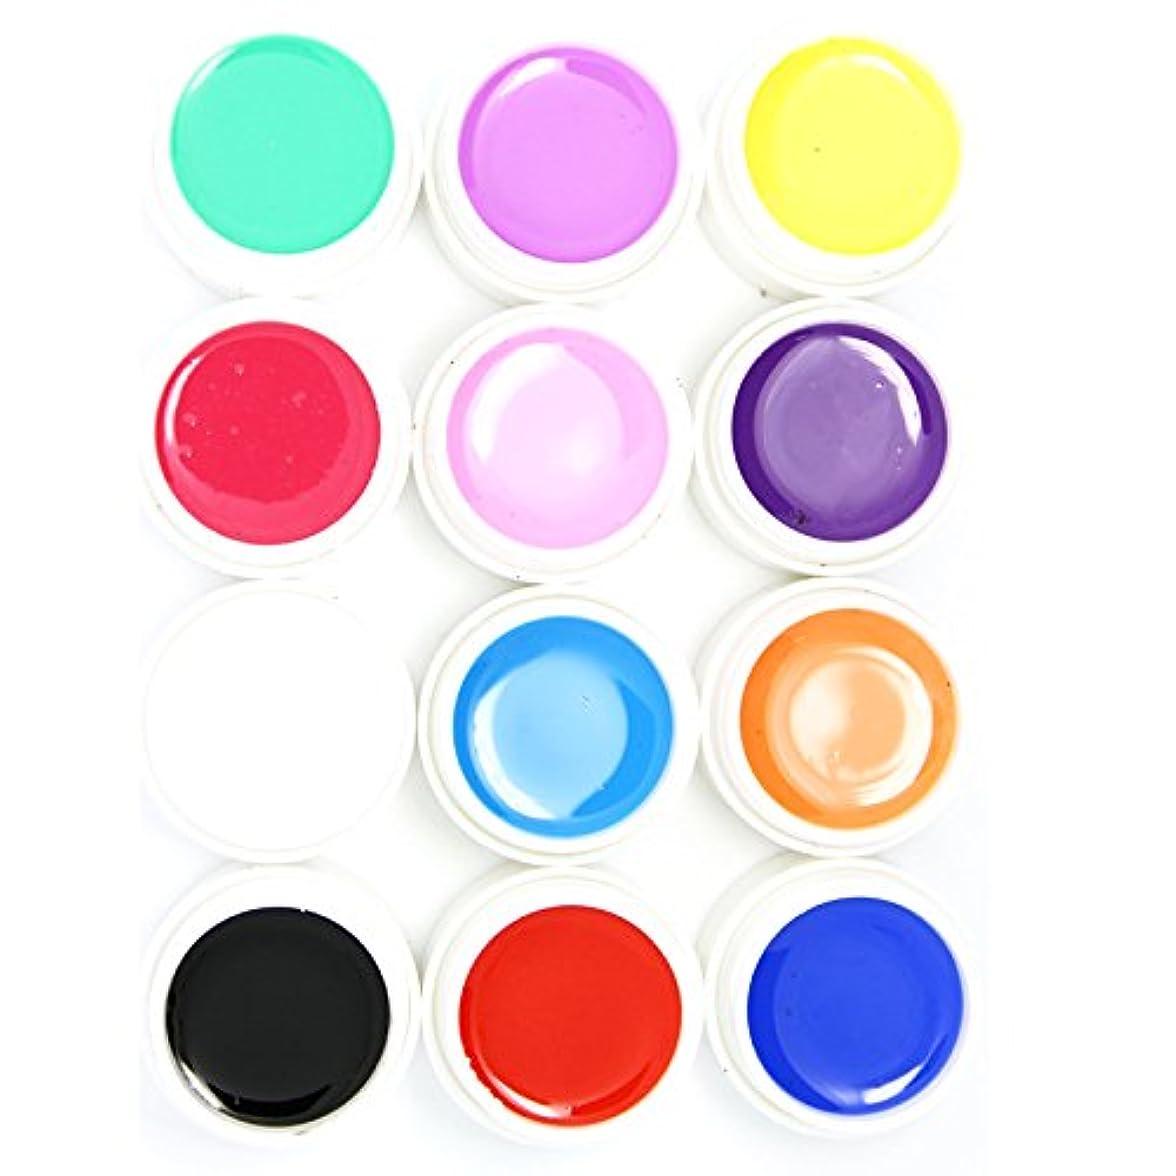 フラッシュのように素早くアルネ車両カラー ジェル UVジェル ネイルアート 発色綺麗 12色セット (1)